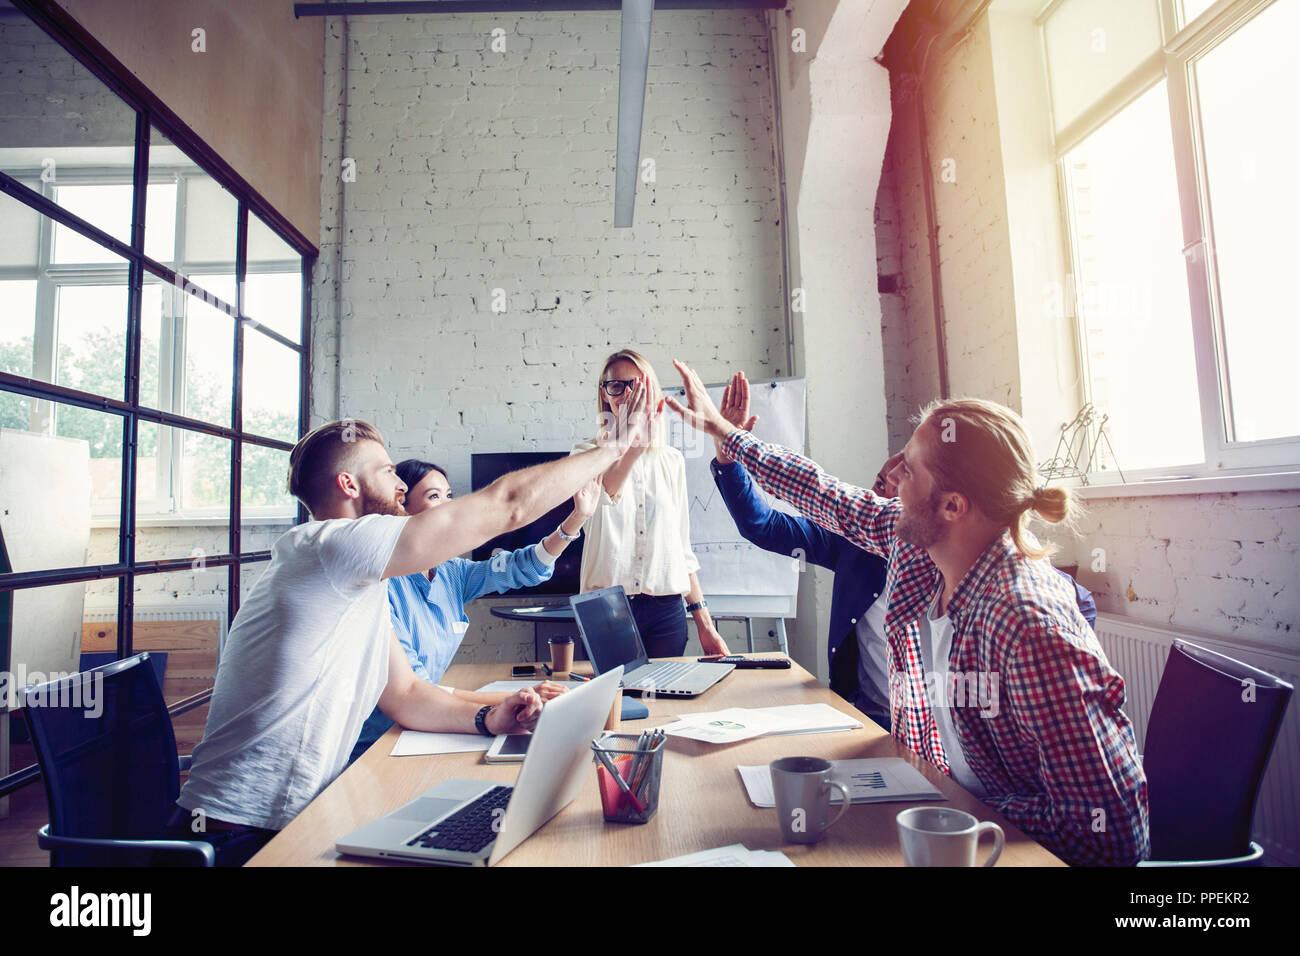 L'équipe entreprise multiraciale réussie heureux donnant une forte fives geste comme ils rient et applaudir leur succès. Photo Stock